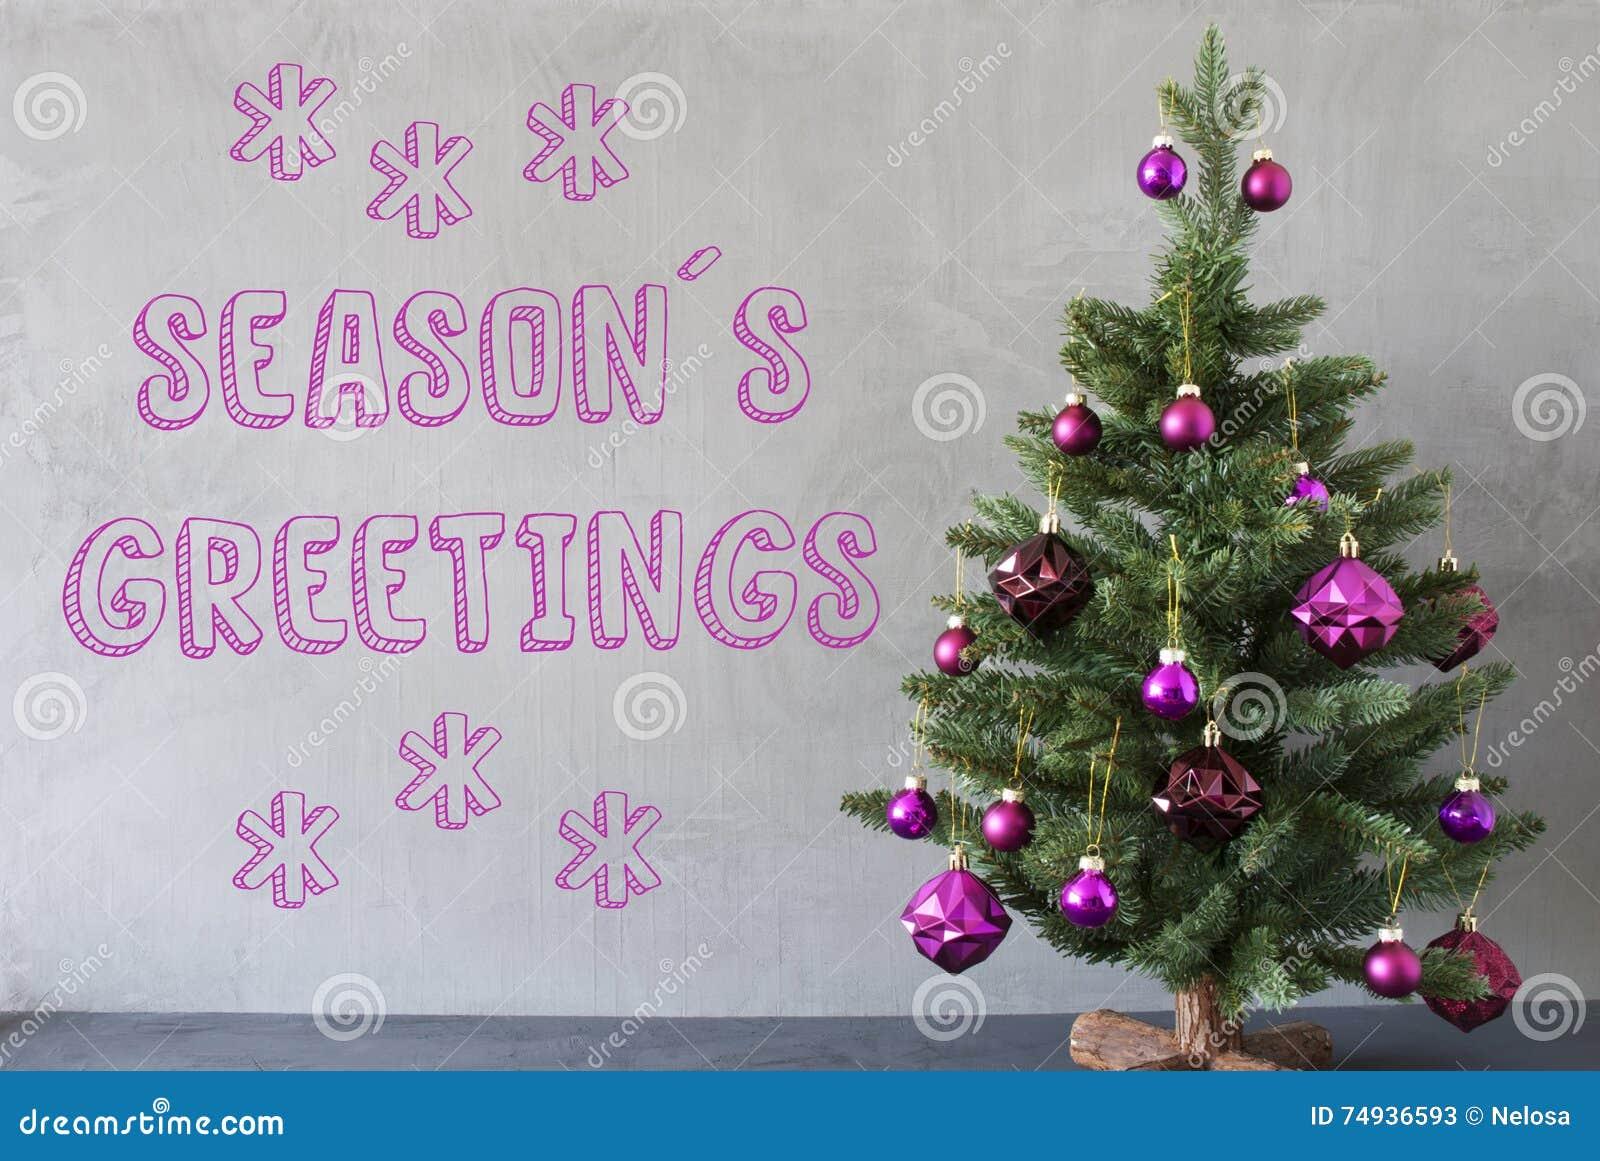 Weihnachtsbaum, Zement-Wand, Text Würzt Grüße Stockbild - Bild von ...